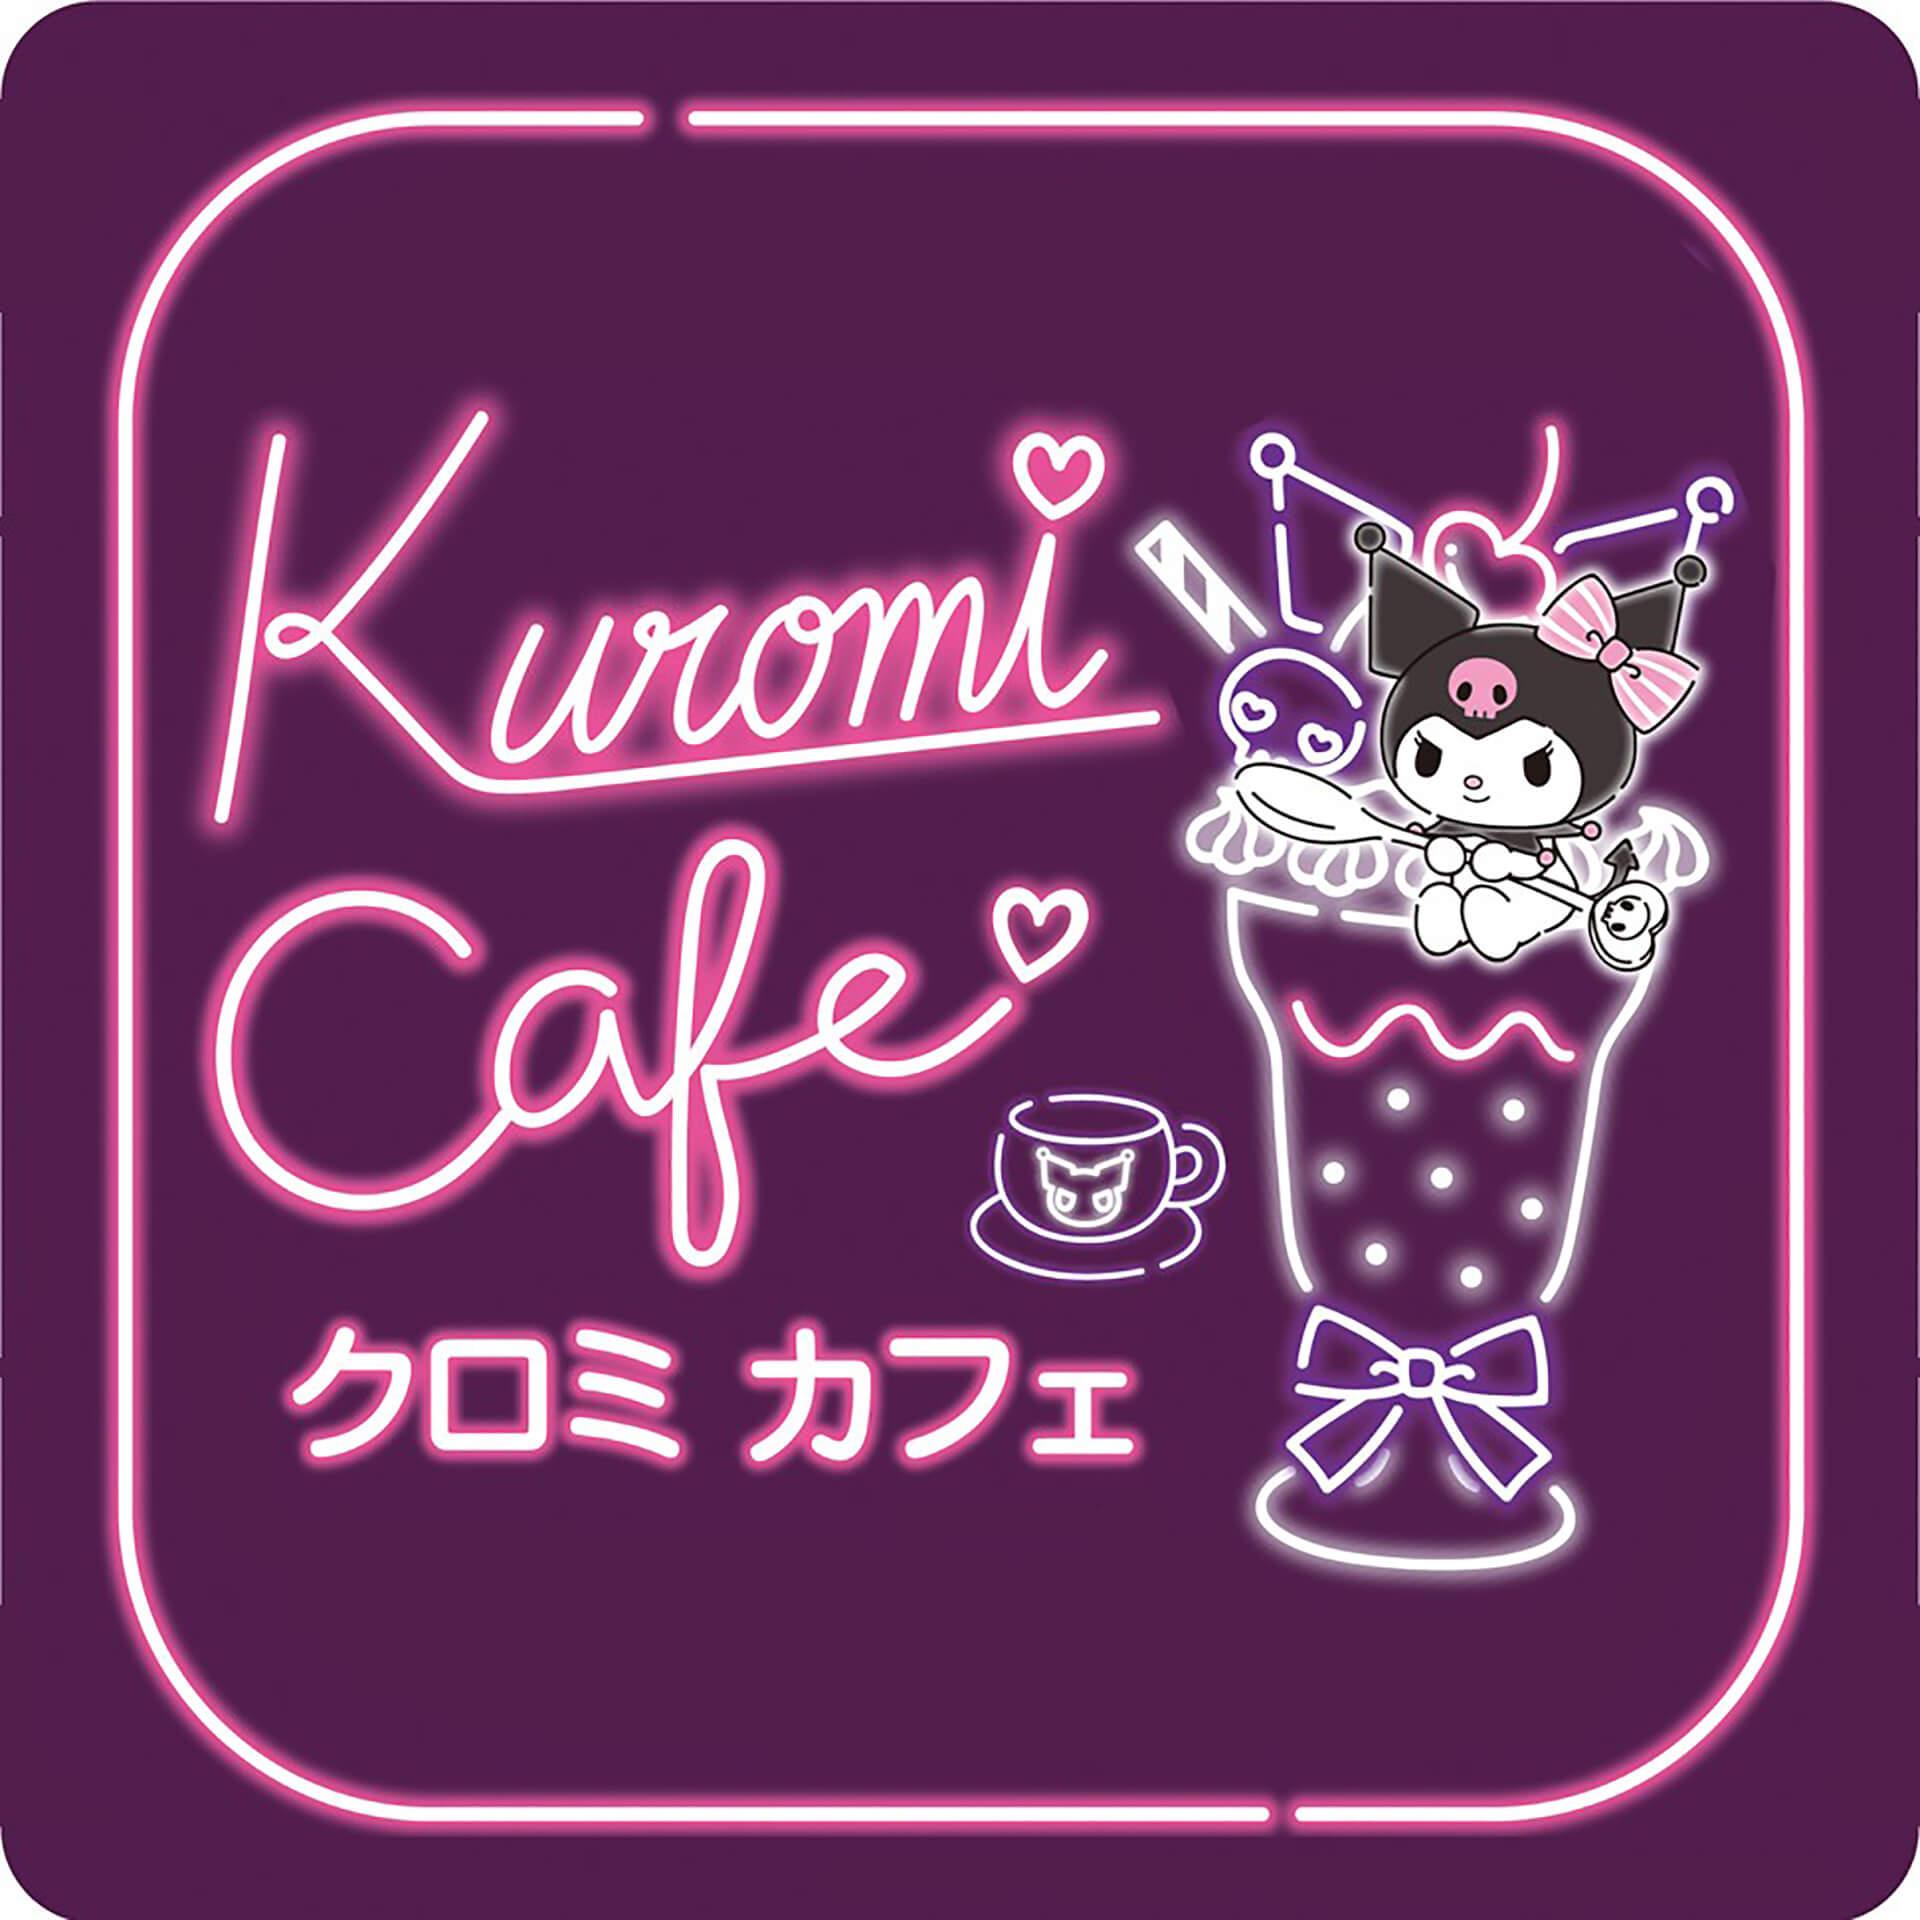 【そごう千葉店】クロミ カフェバナー